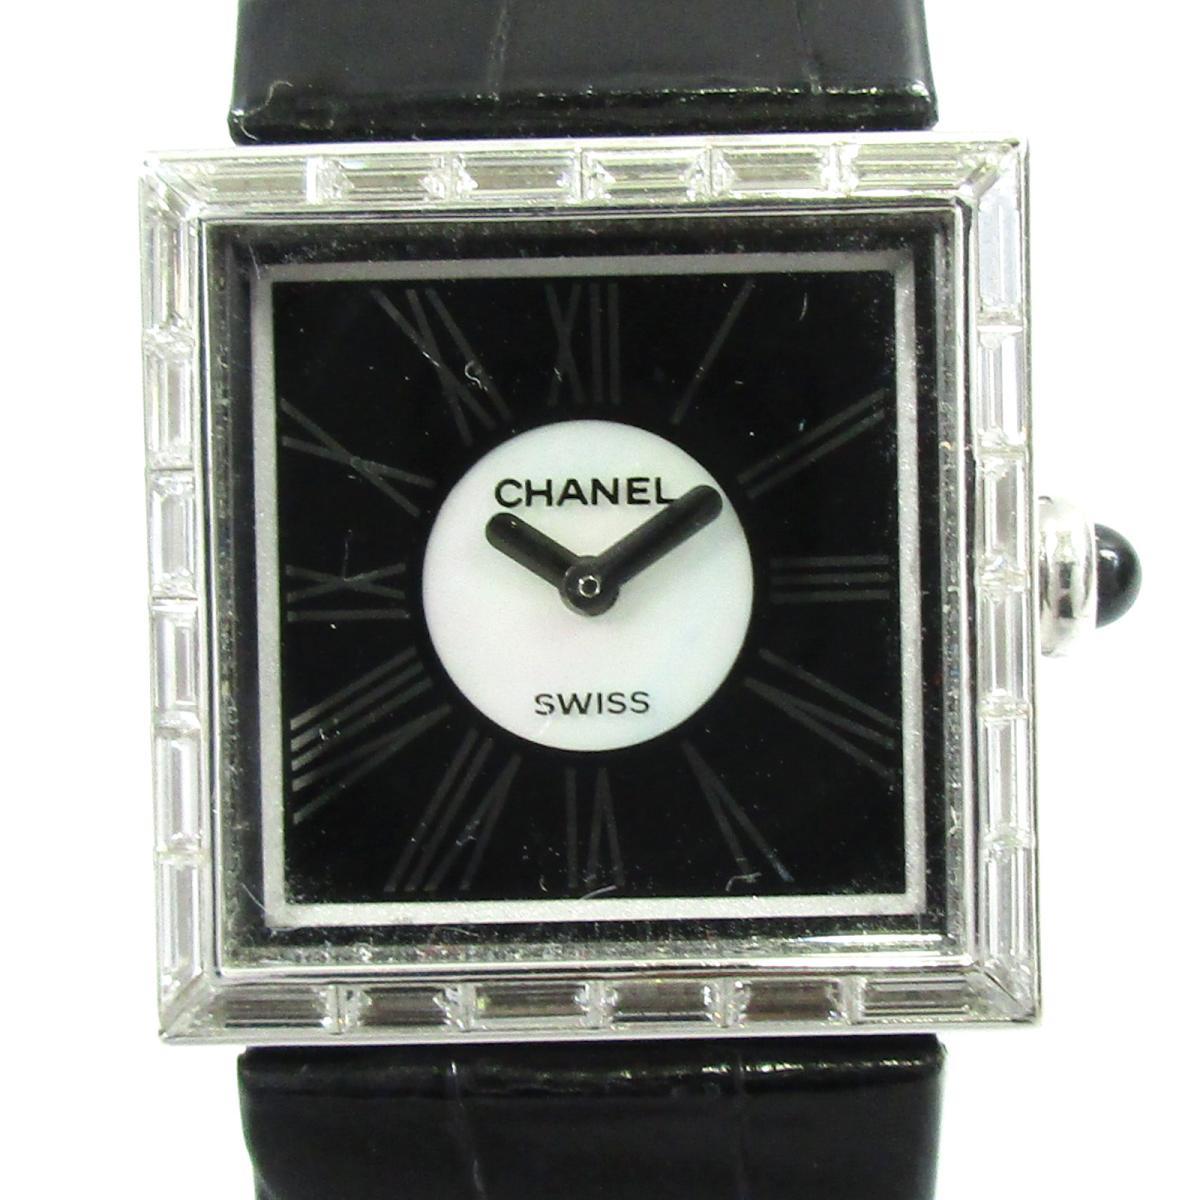 【中古】 シャネル マドモアゼル ダイヤ 時計 ウォッチ レディース K18WG (750)ホワイトゴールド レザー シルバー ブラック (H0106) | CHANEL BRANDOFF ブランドオフ ブランド ブランド時計 ブランド腕時計 腕時計